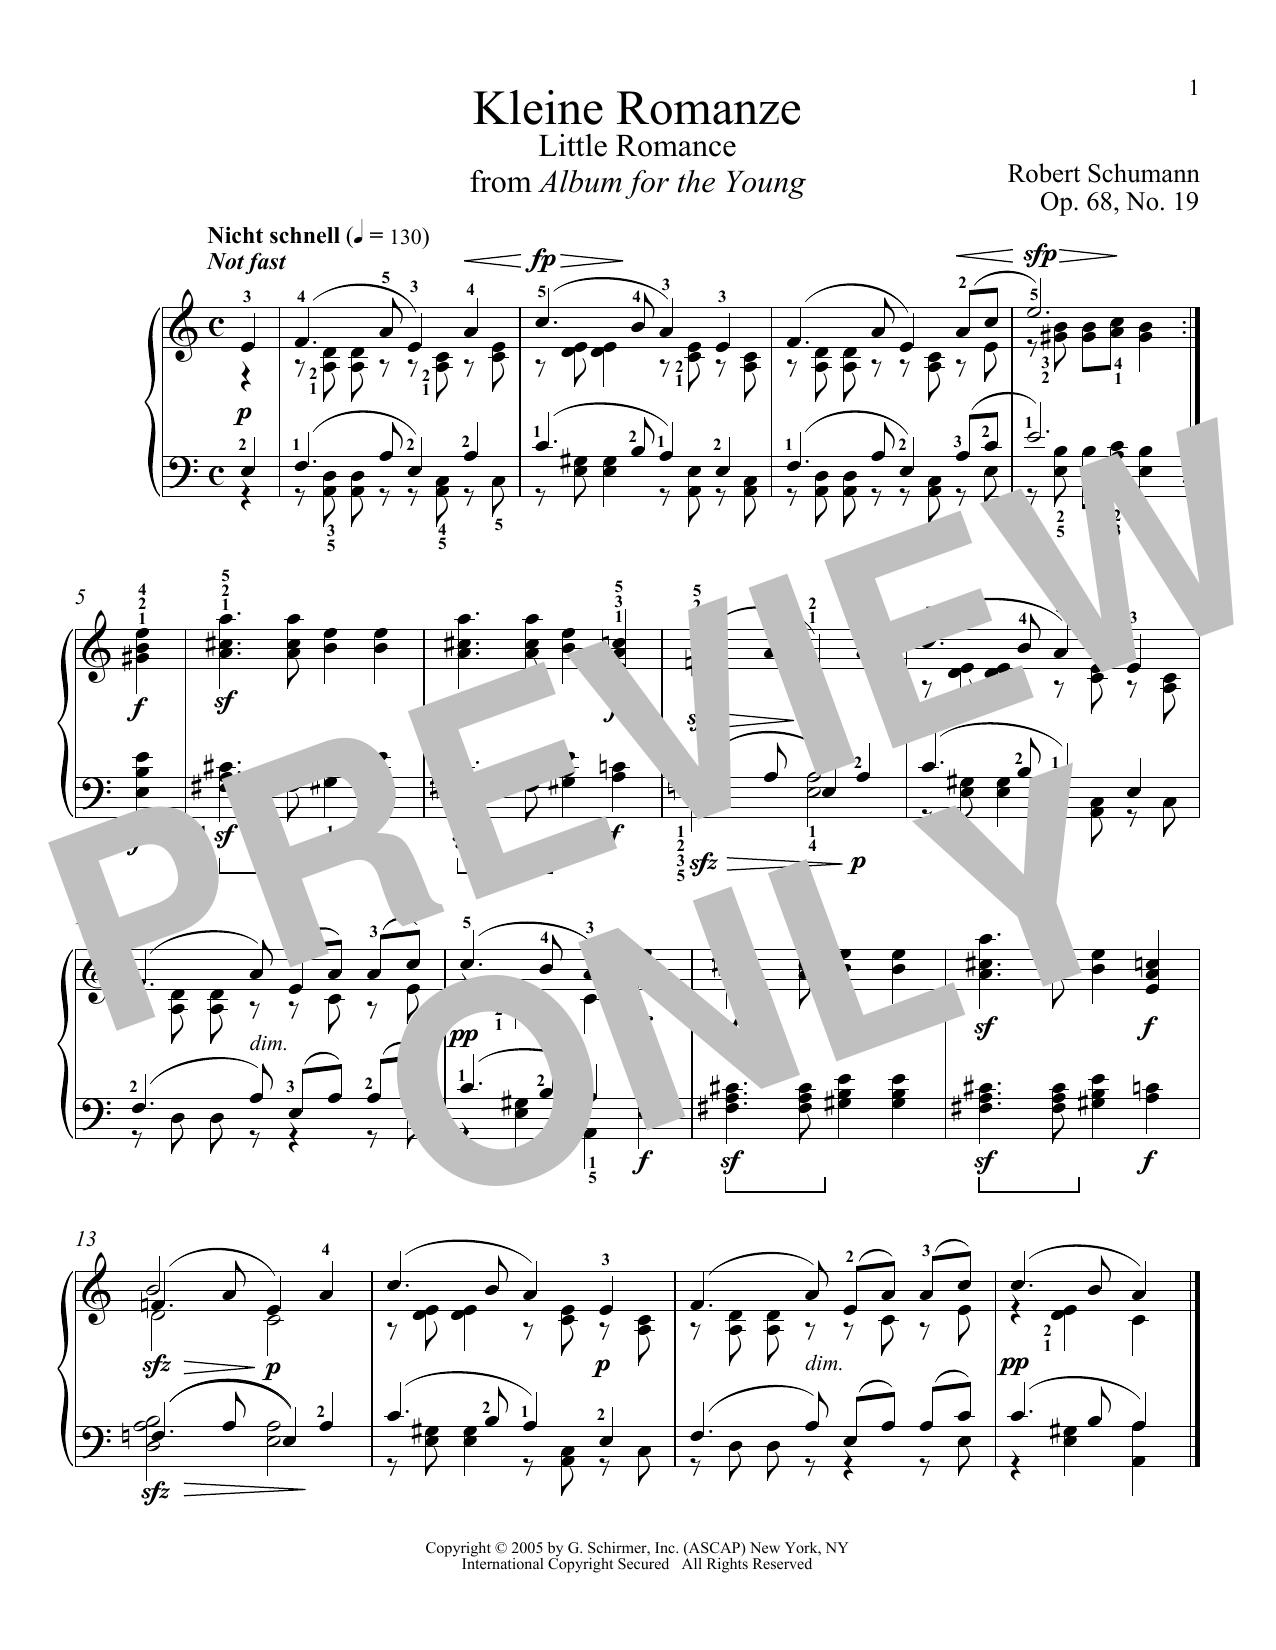 Schumann - Selections from Album for the Young, Opus 68 - Book/CD by Robert Schumann Linn, Jennifer